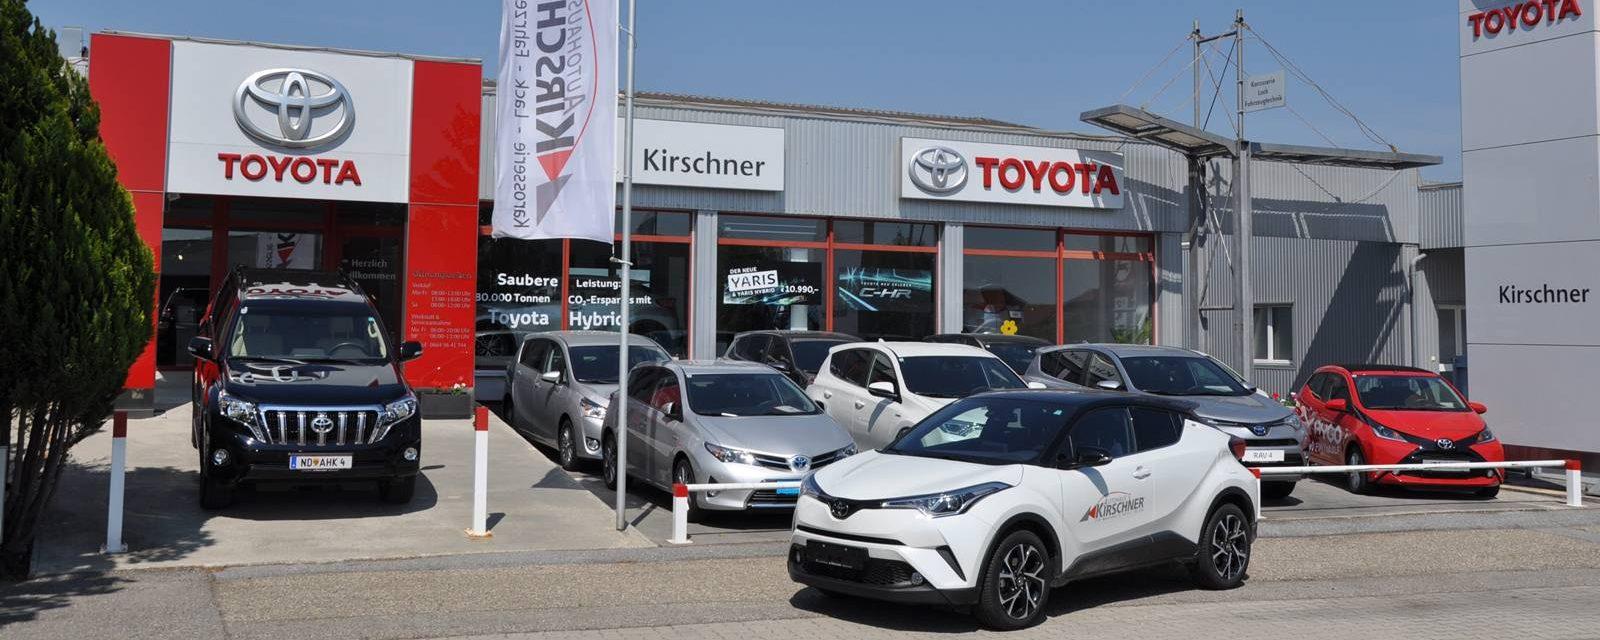 Bild 2 bei Autohaus Kirschner GmbH in 7123 Mönchhof